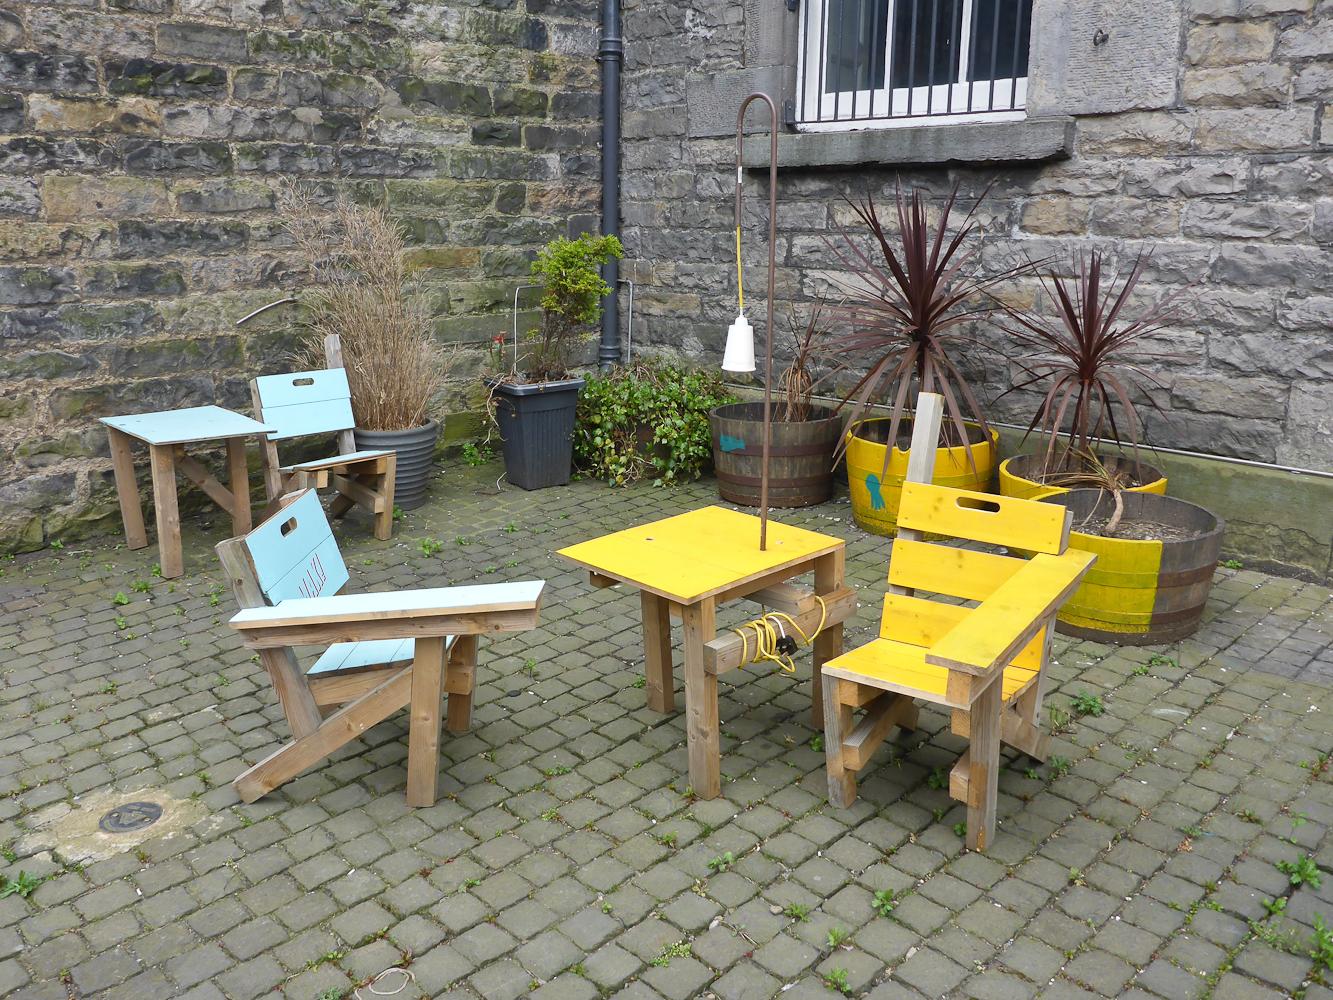 Fenfolio art trail through edinburgh fife for A p furniture trail